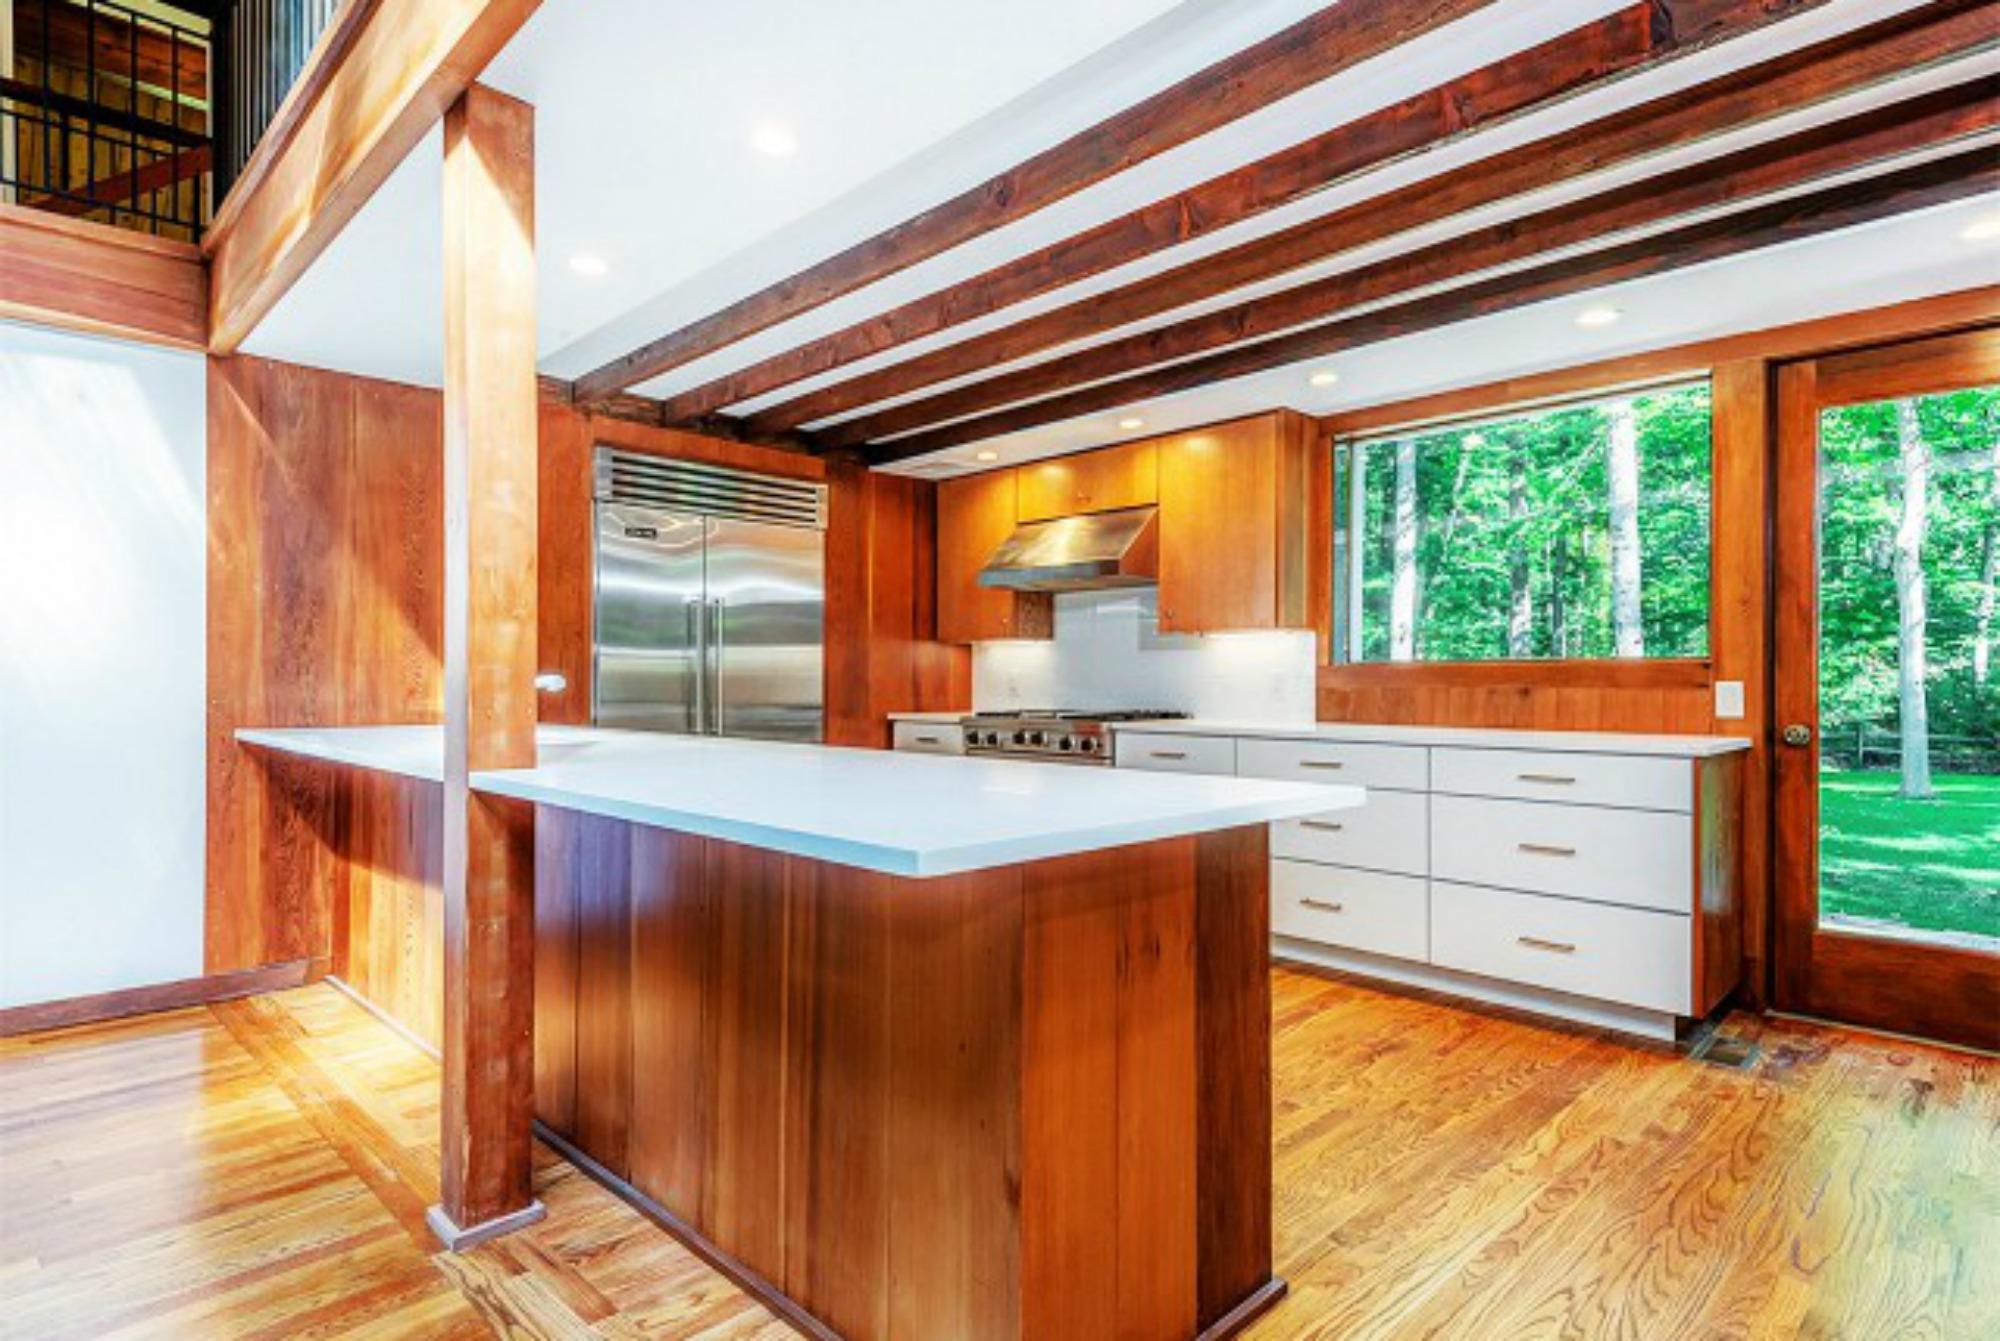 Η κουζίνα αλλά και όλο το σπίτι είναι φτιαγμένο εσωτερικά με πολύ καλής ποιότητας ξύλο.